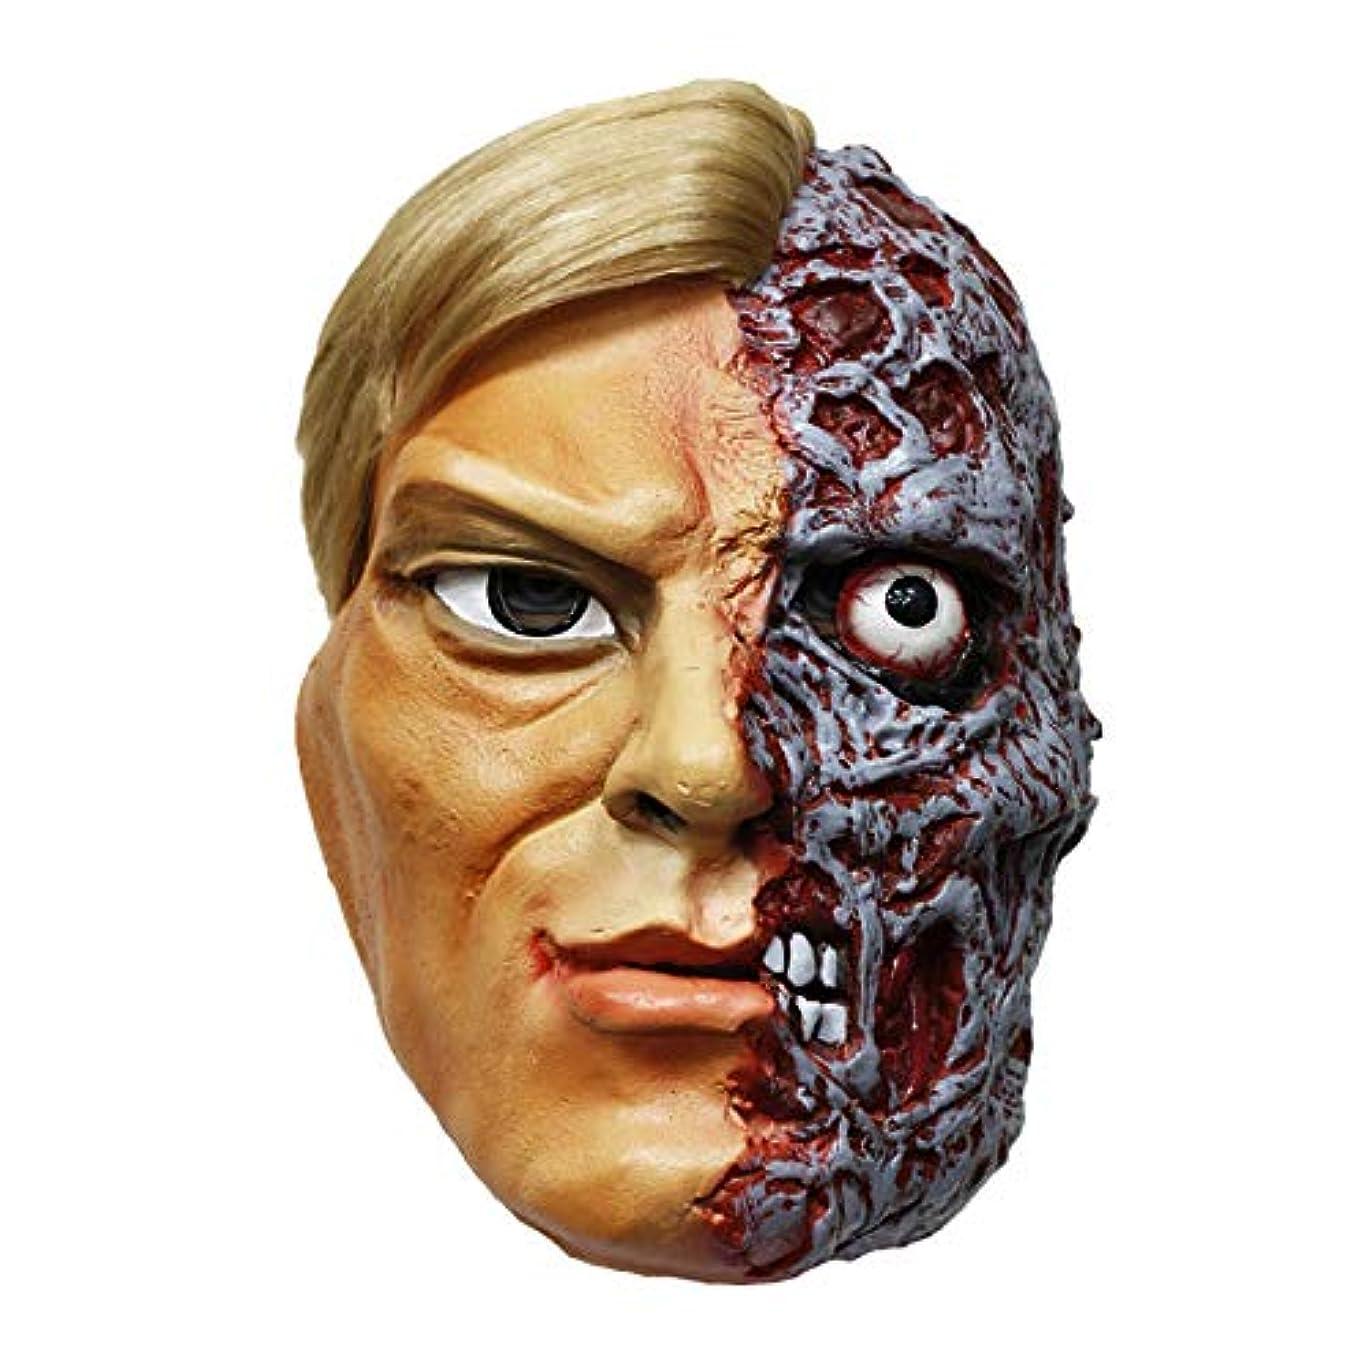 ファントムウェイトレス移住するハロウィーンラテックスはマスカレードパフォーマンスの小道具おかしい両面ドレスアップ小道具ホラーマスクを顔マスク,B